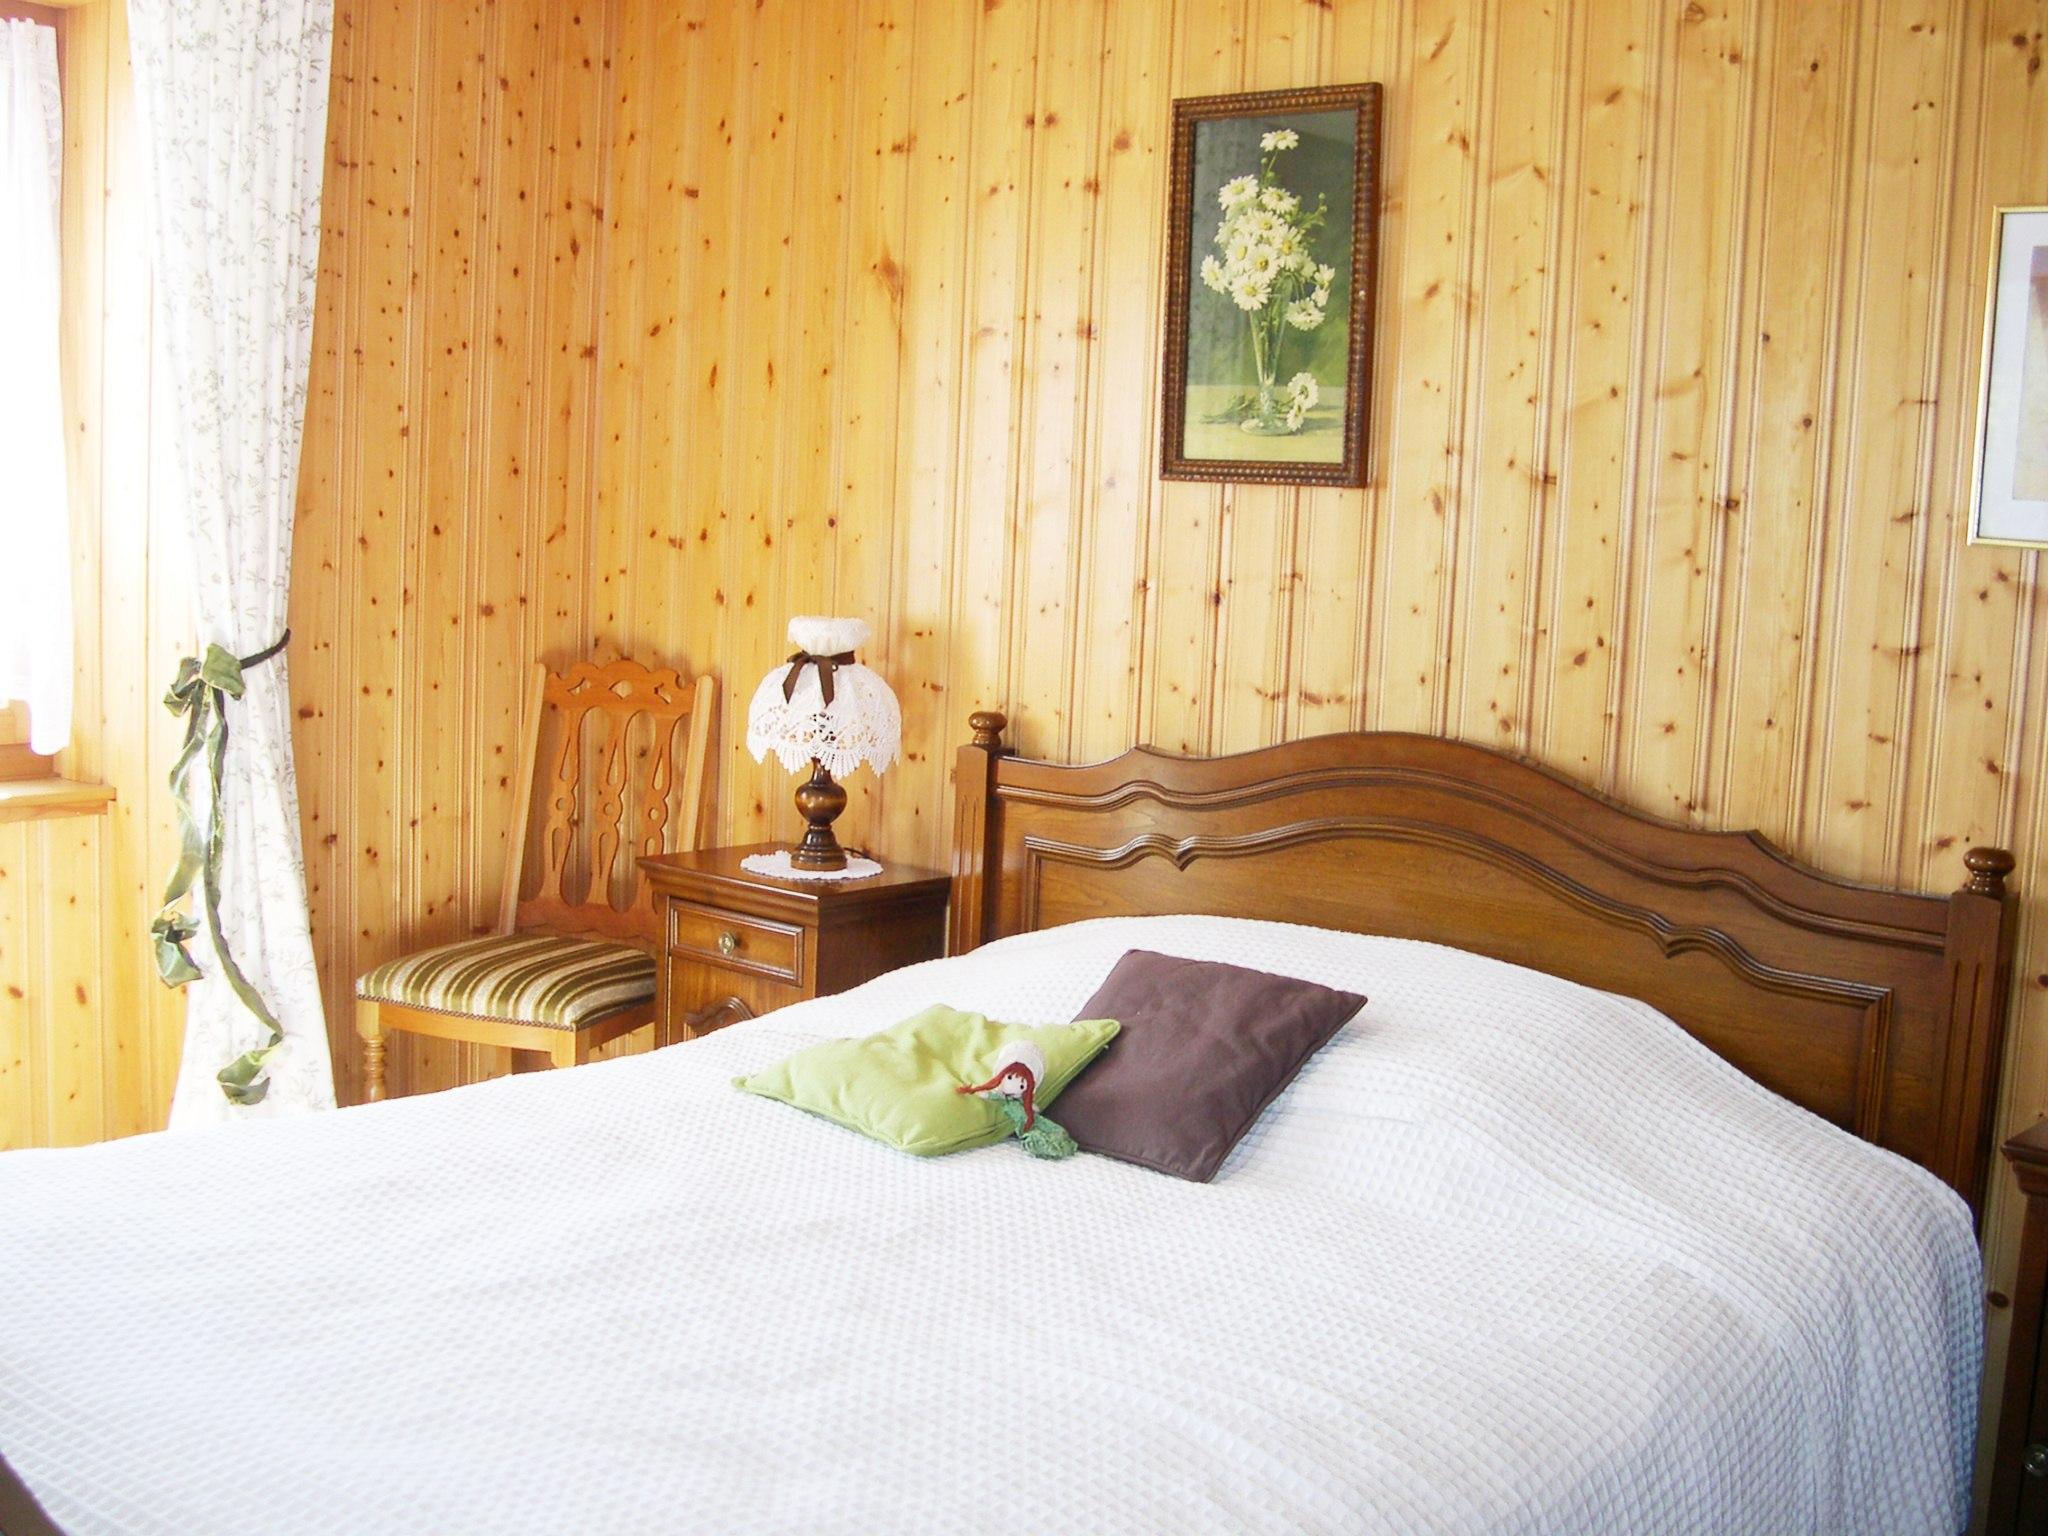 Detached House For Sale in Pont-en-Ogoz - 7 Photos